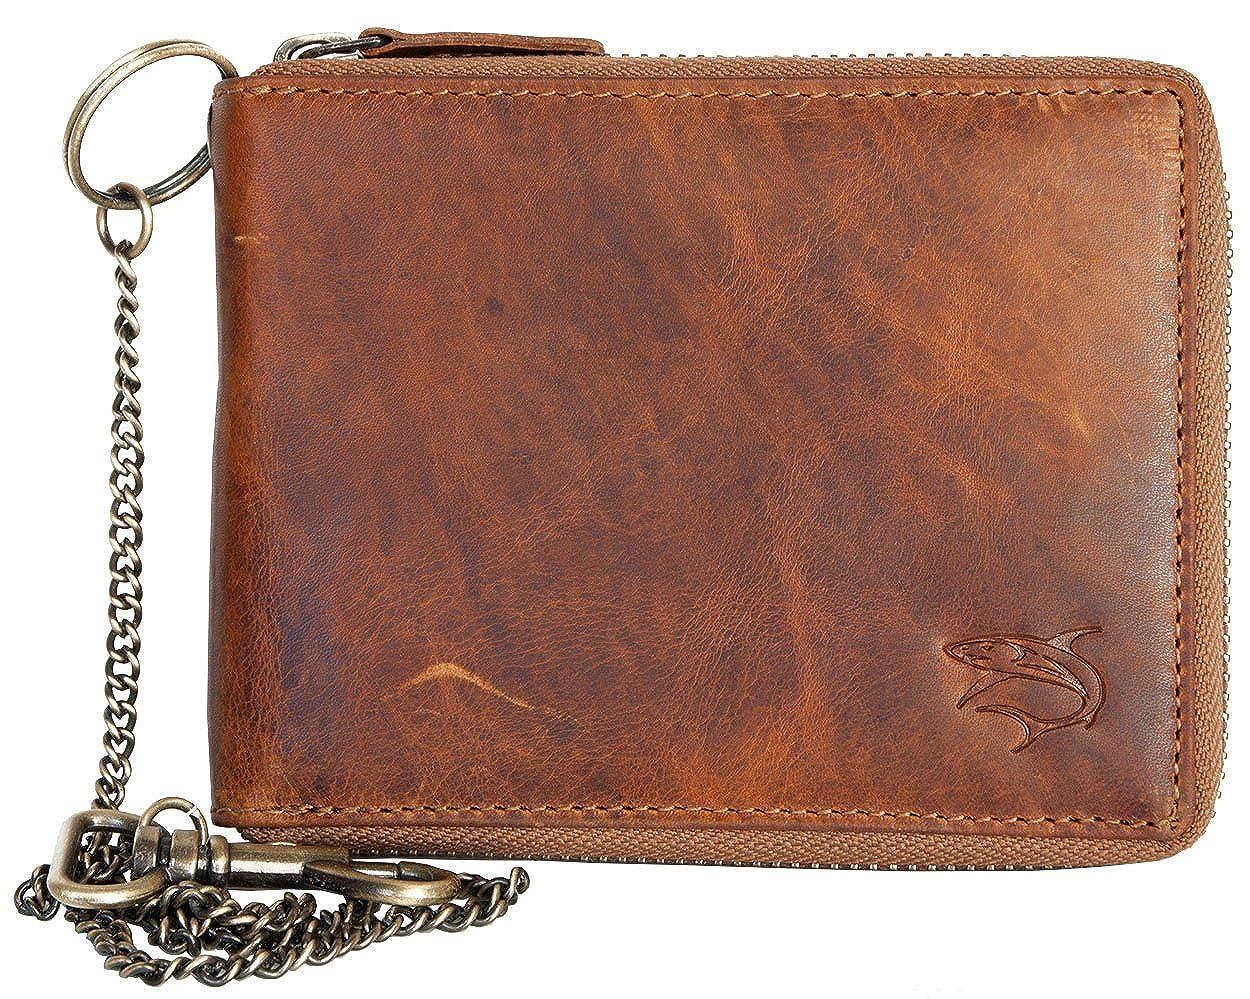 FLW Billetera estilo motero zip alrededor de cuero genuino con el tiburón con cadena de metal: Amazon.es: Ropa y accesorios